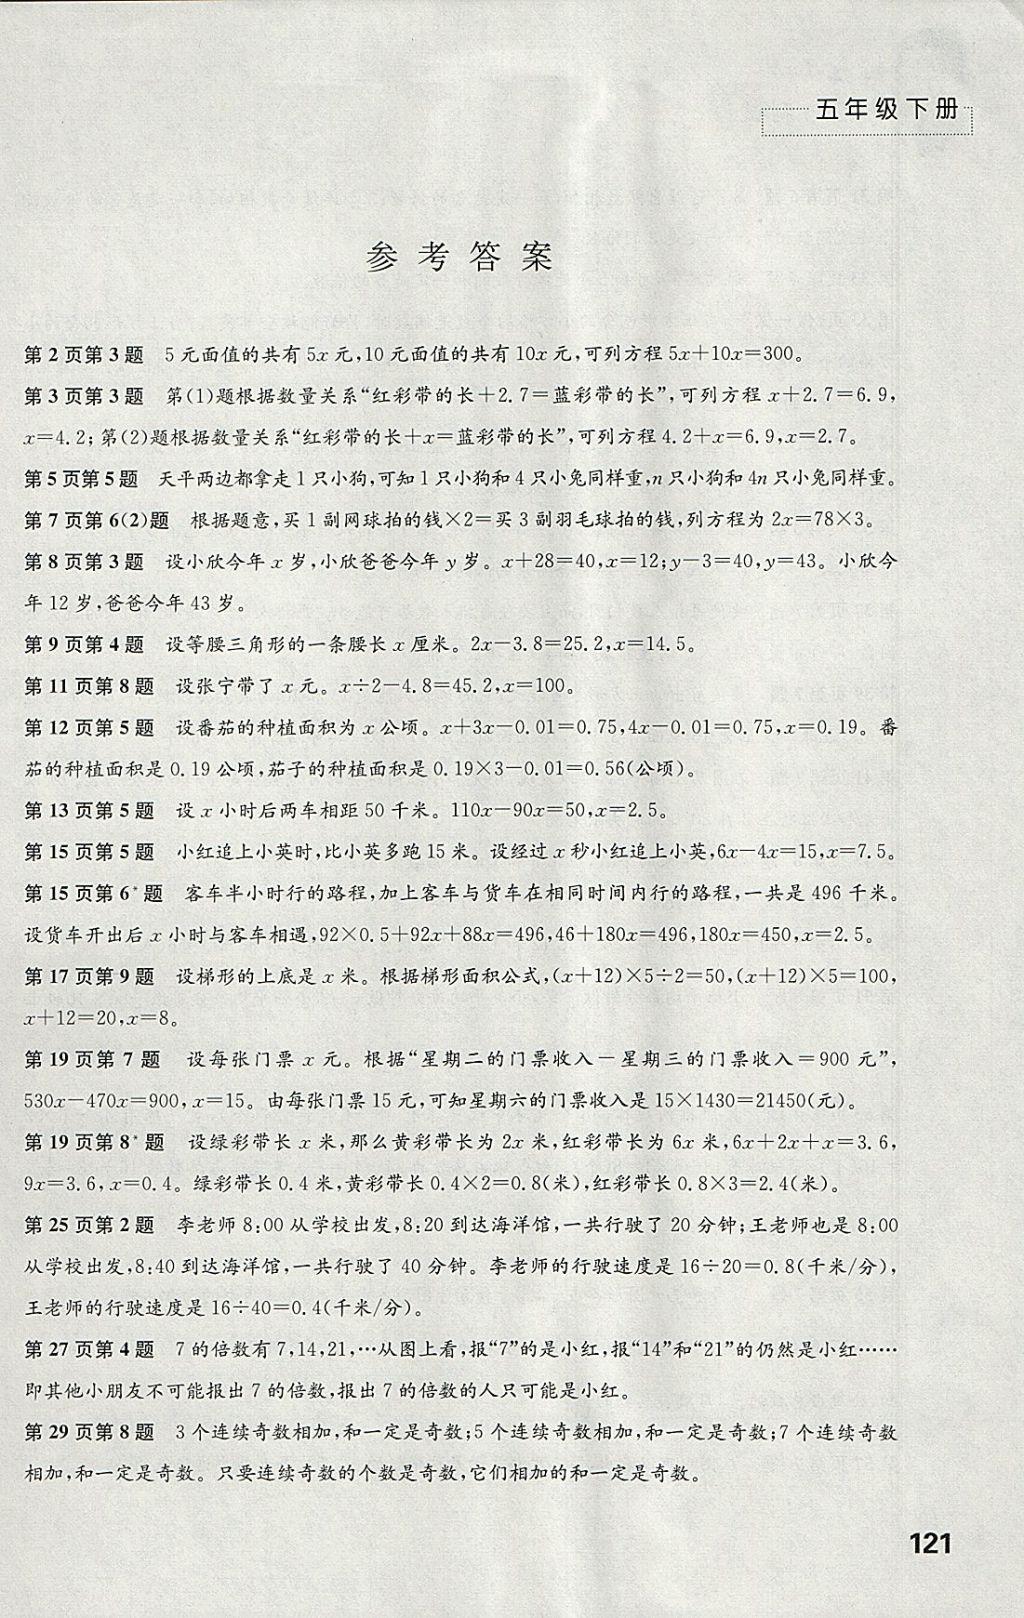 2018年练习与测试小学数学五年级下册苏教版参考答案第1页